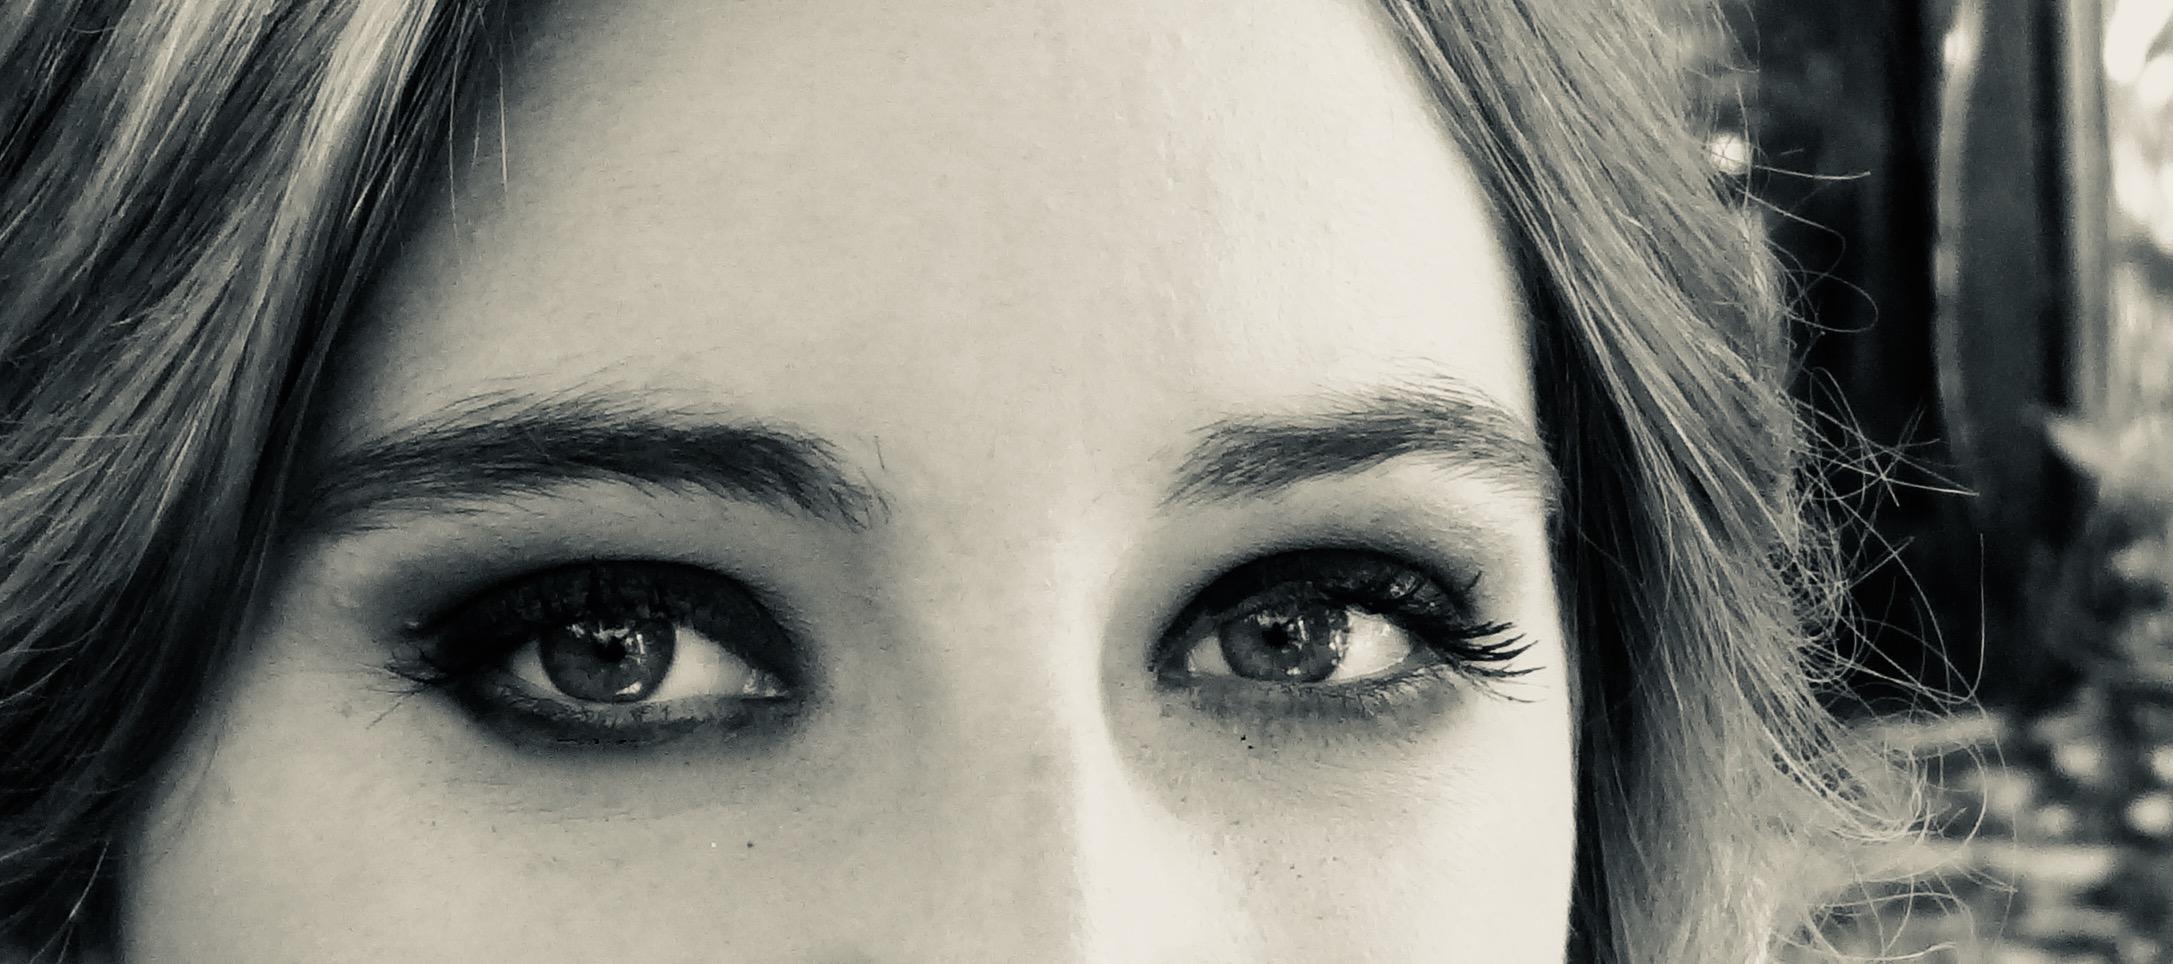 maquillage regard